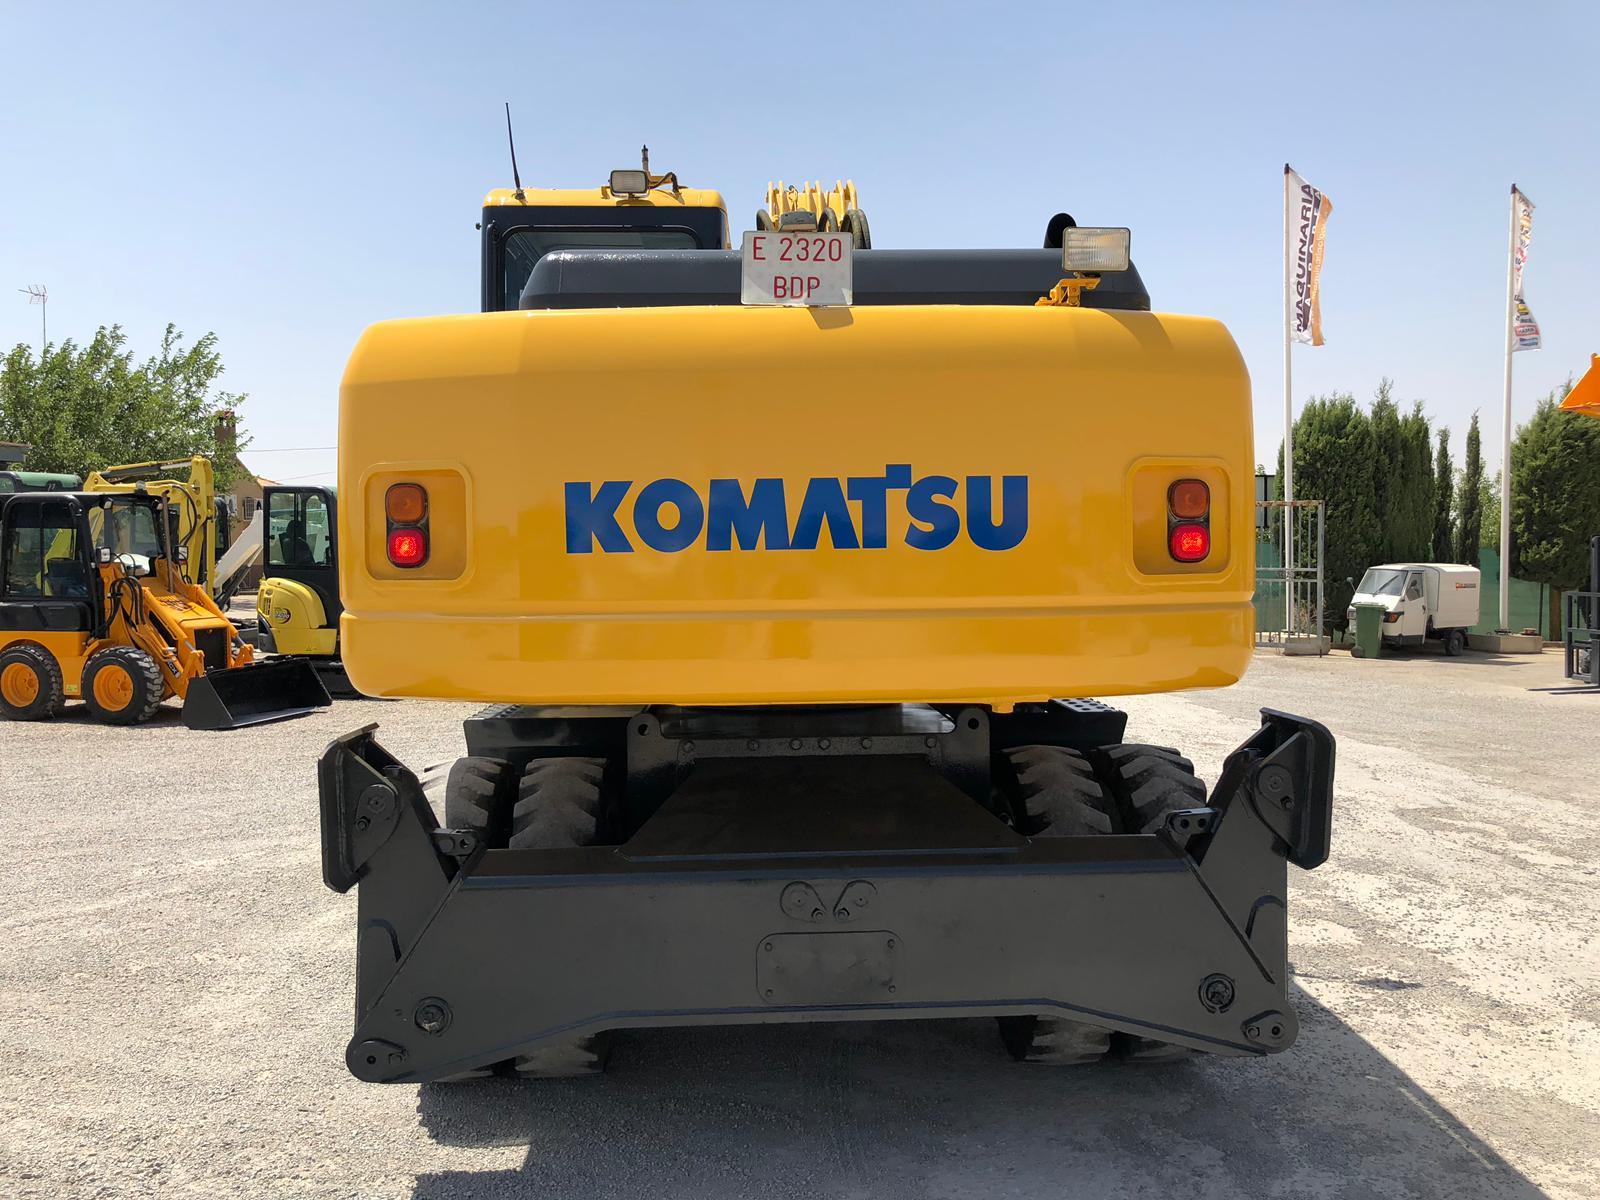 2006-komatsu-pw180-7k-15841834